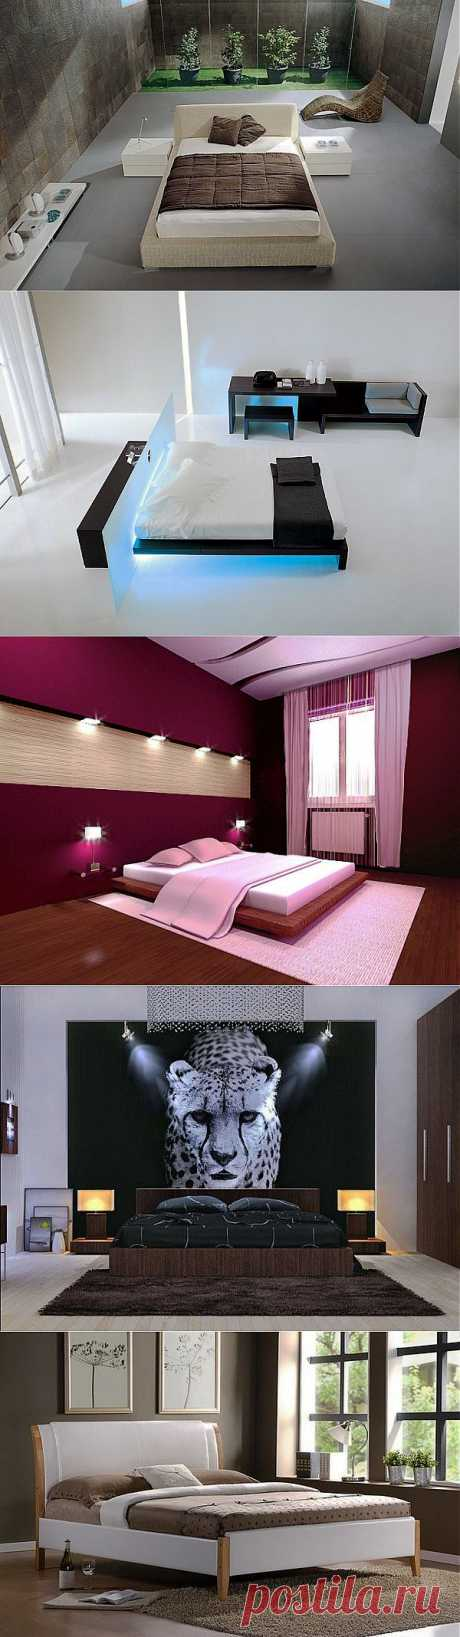 Душевный покой и комфорт: спальни в стиле минимализм    и Дизайн